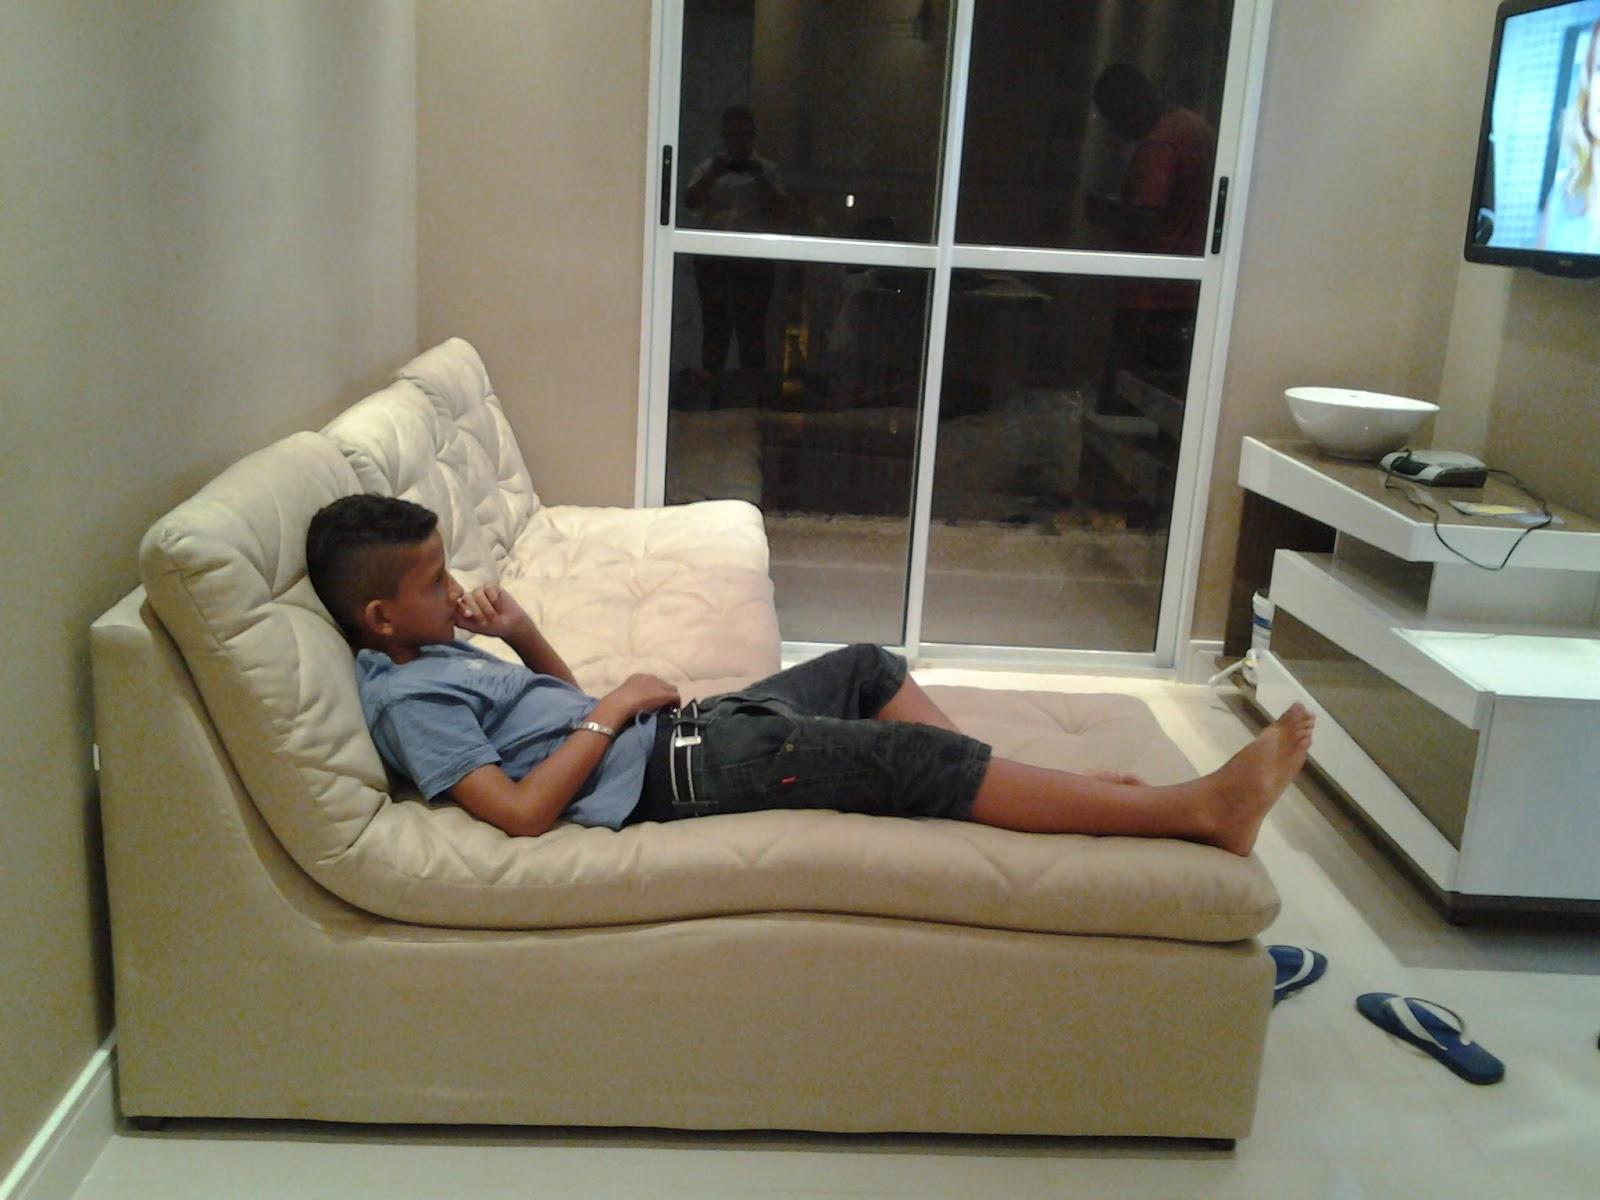 esse sofa ta bom demais barcalounger leather recliner quotmeu sonho em construçaõ quot chaise